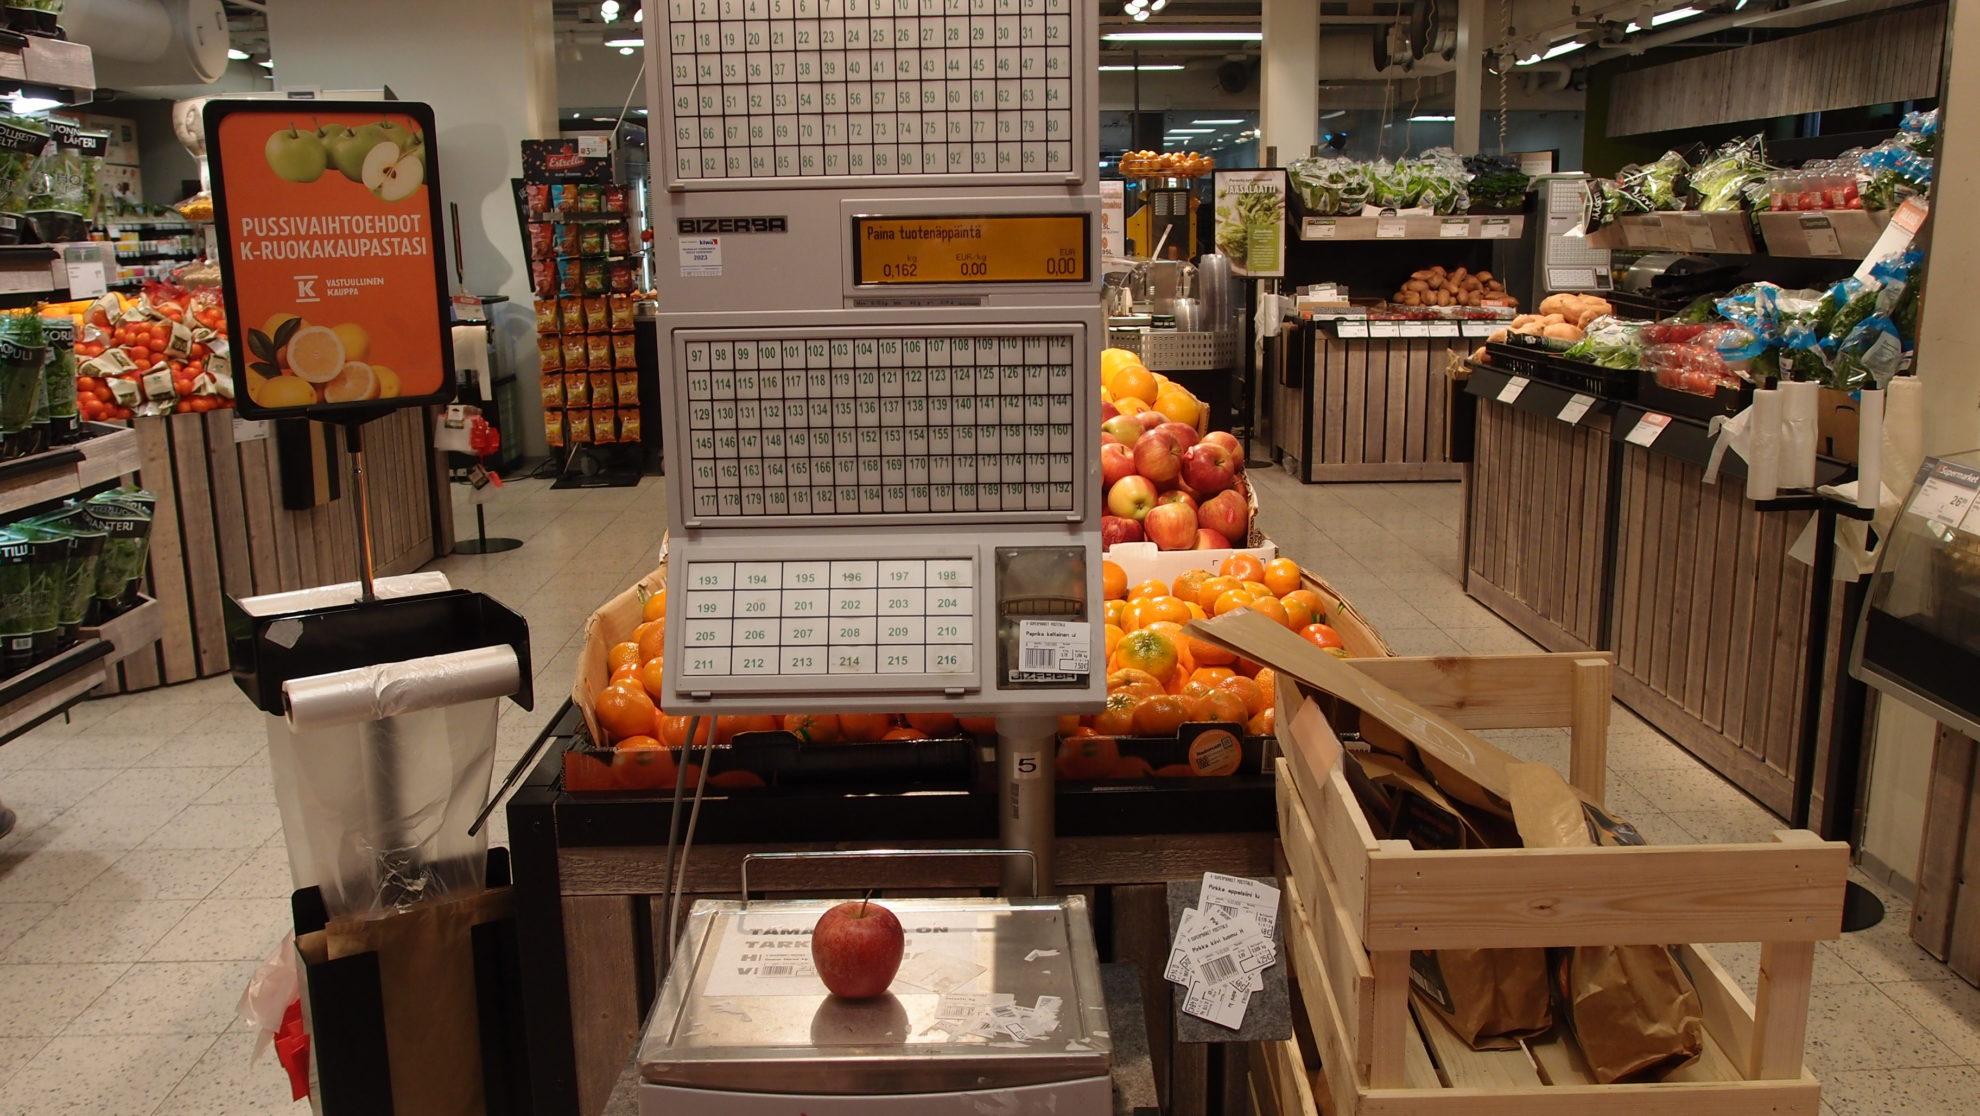 売り場には値札を印刷するためのスケール(秤)が置かれている